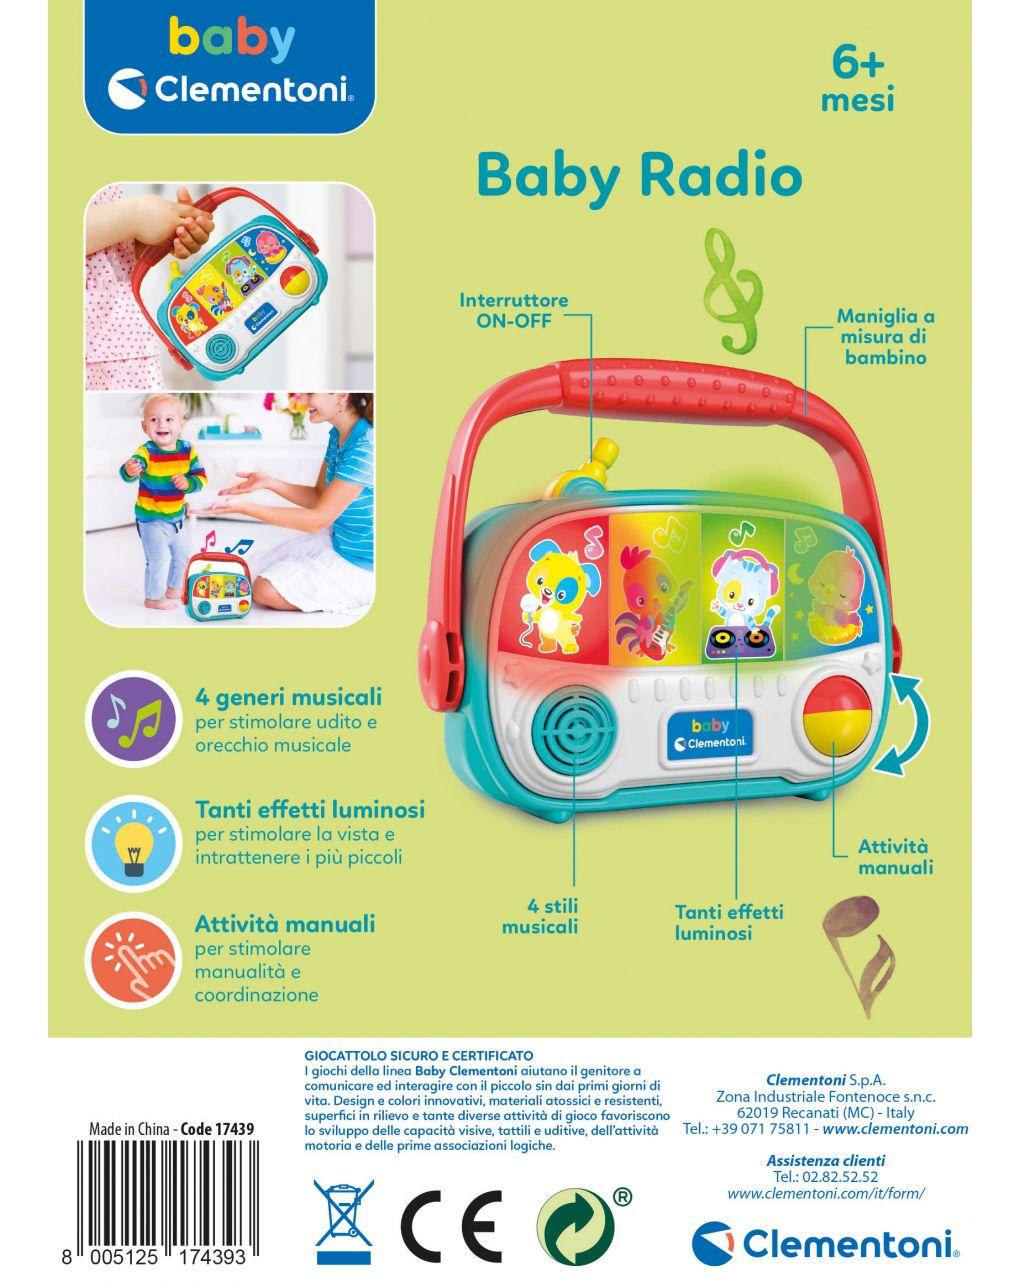 Babyclementoni - baby radio - Baby Clementoni